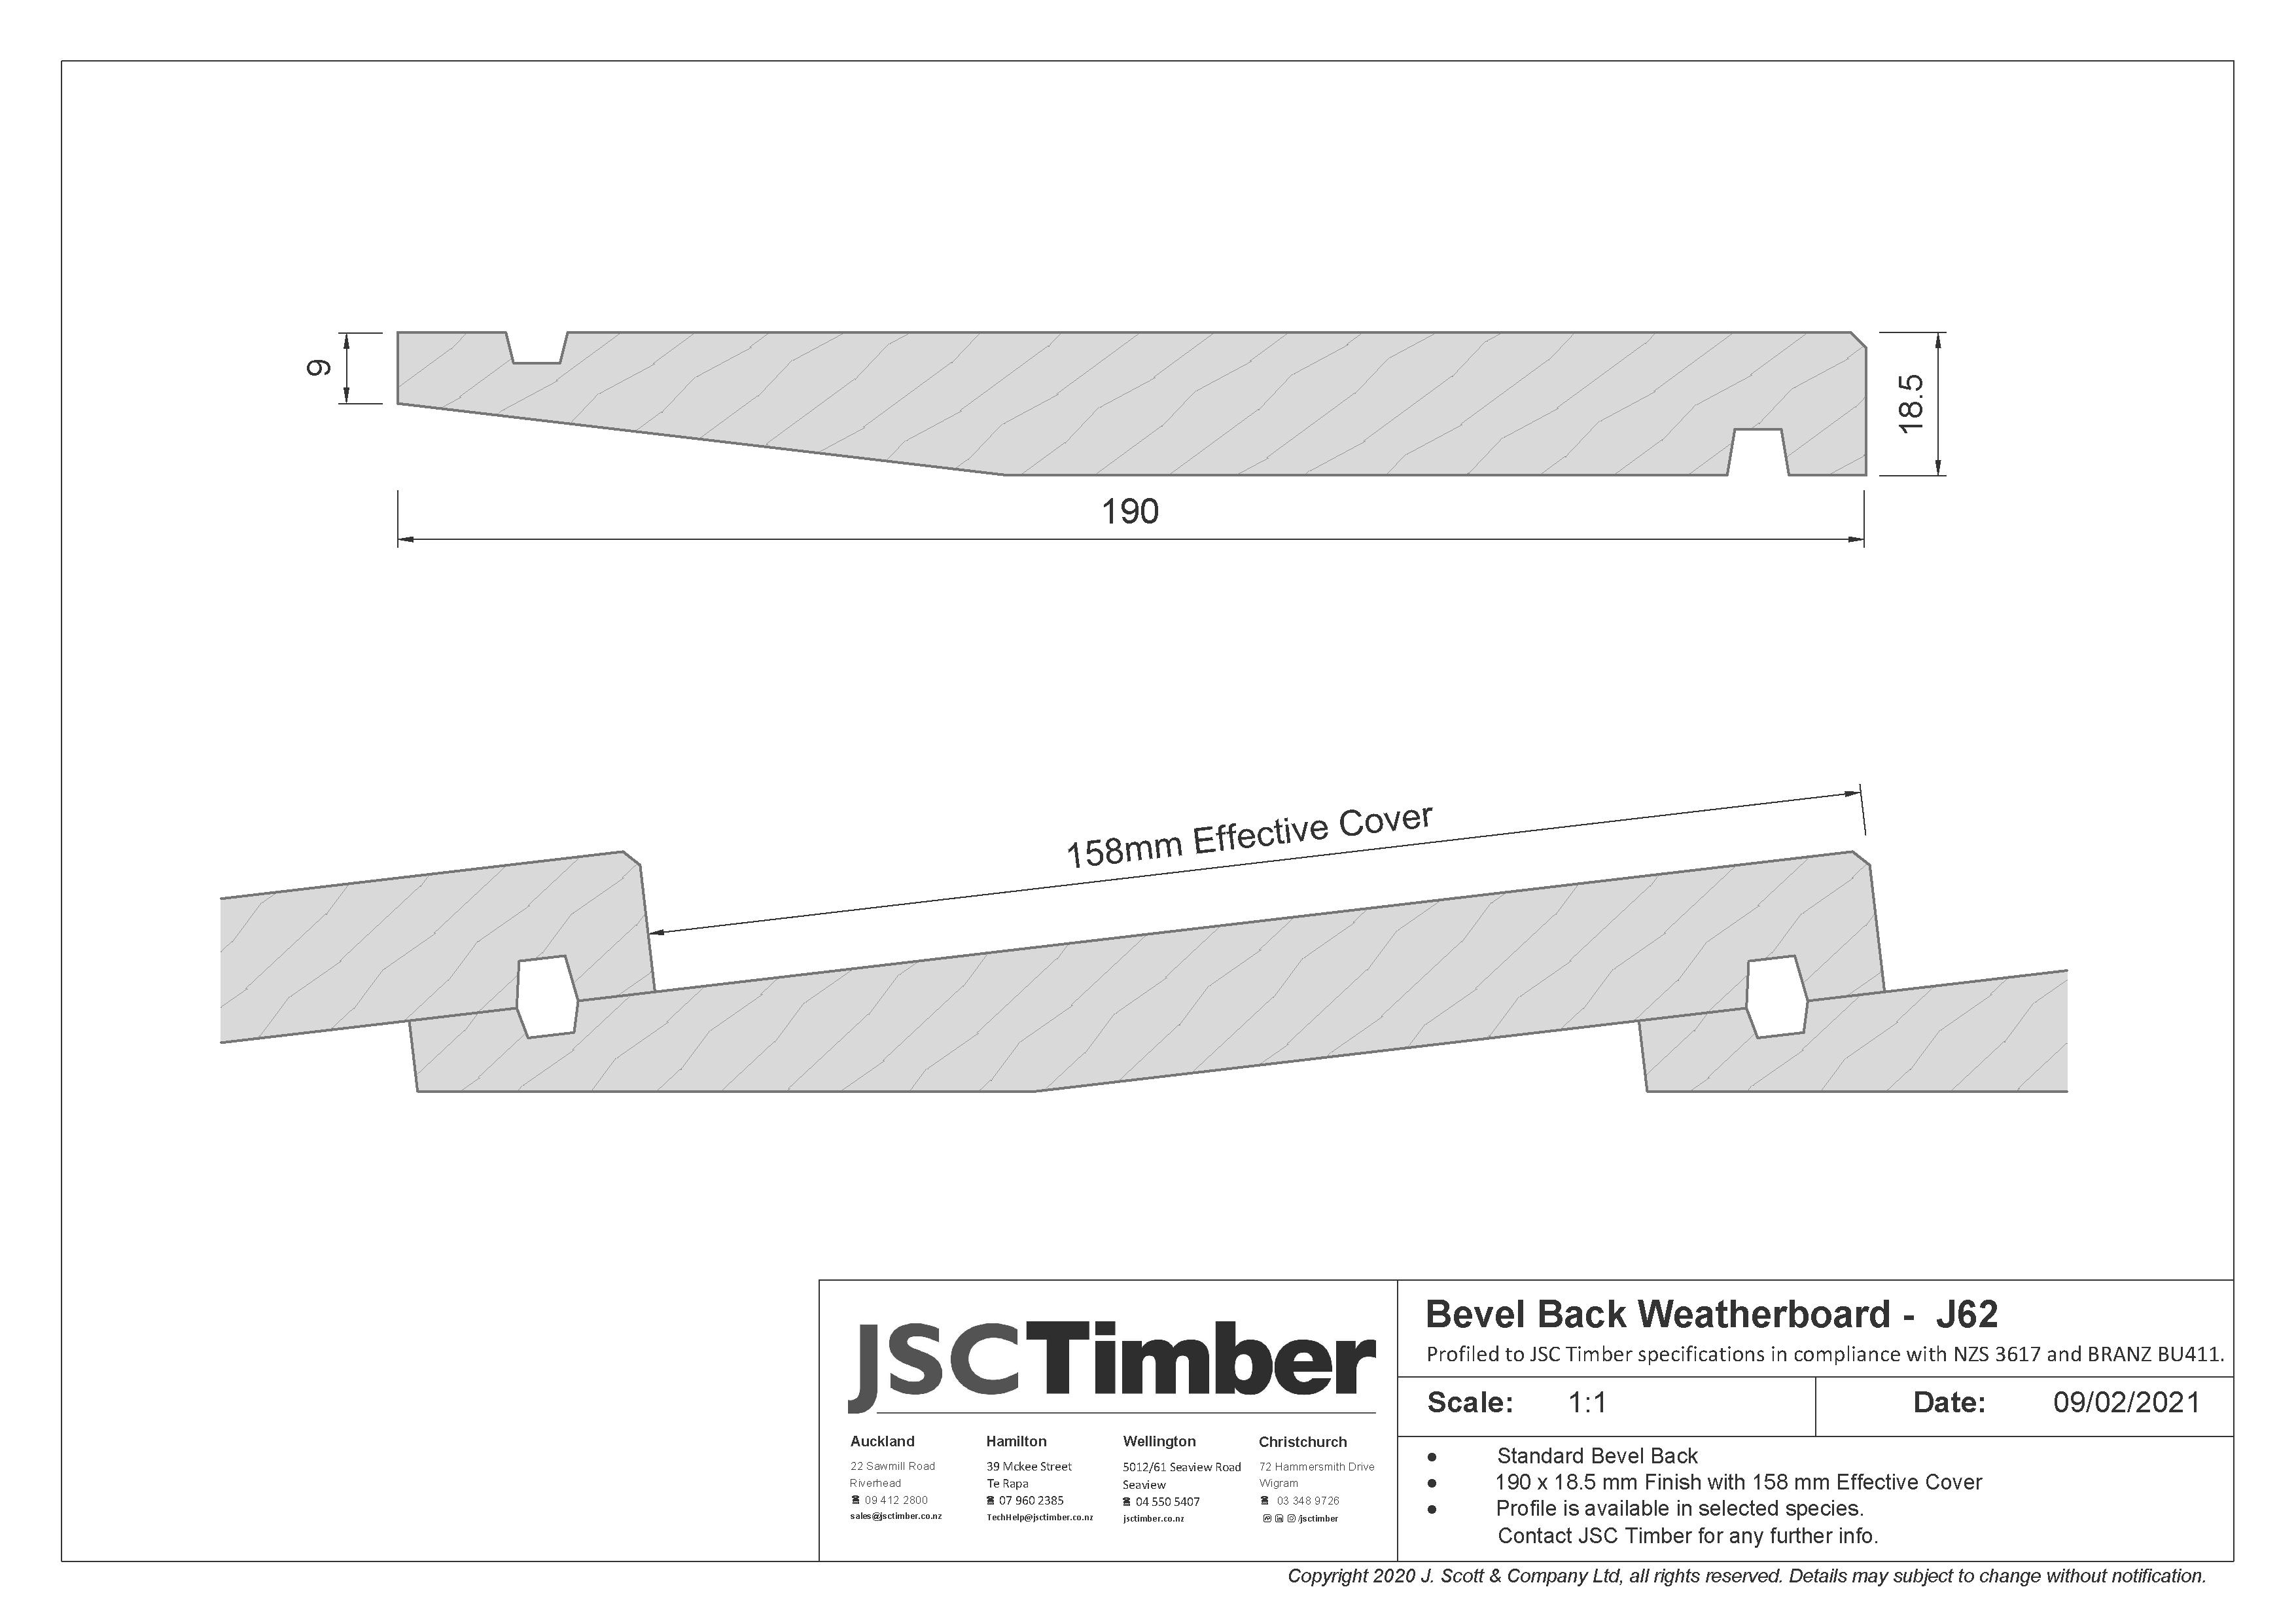 J62 Bevel Back Weatherboard